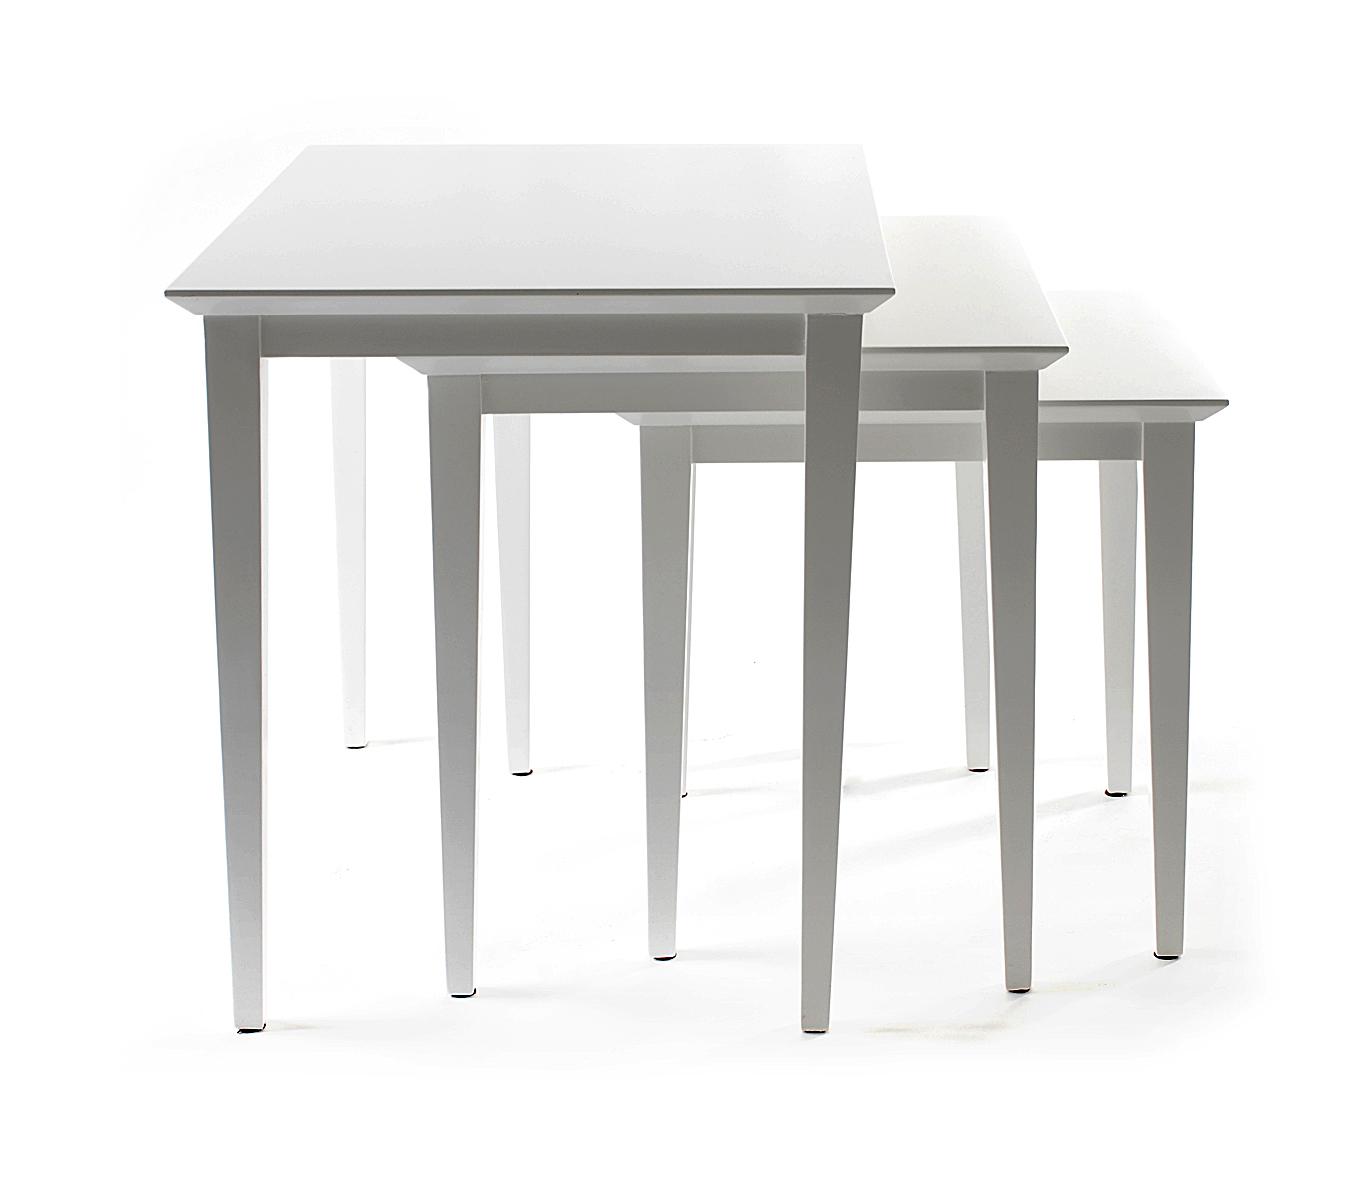 столы Маленькие обеденные столы, которые идеально подойдут вашему дому                                                                                                                           3